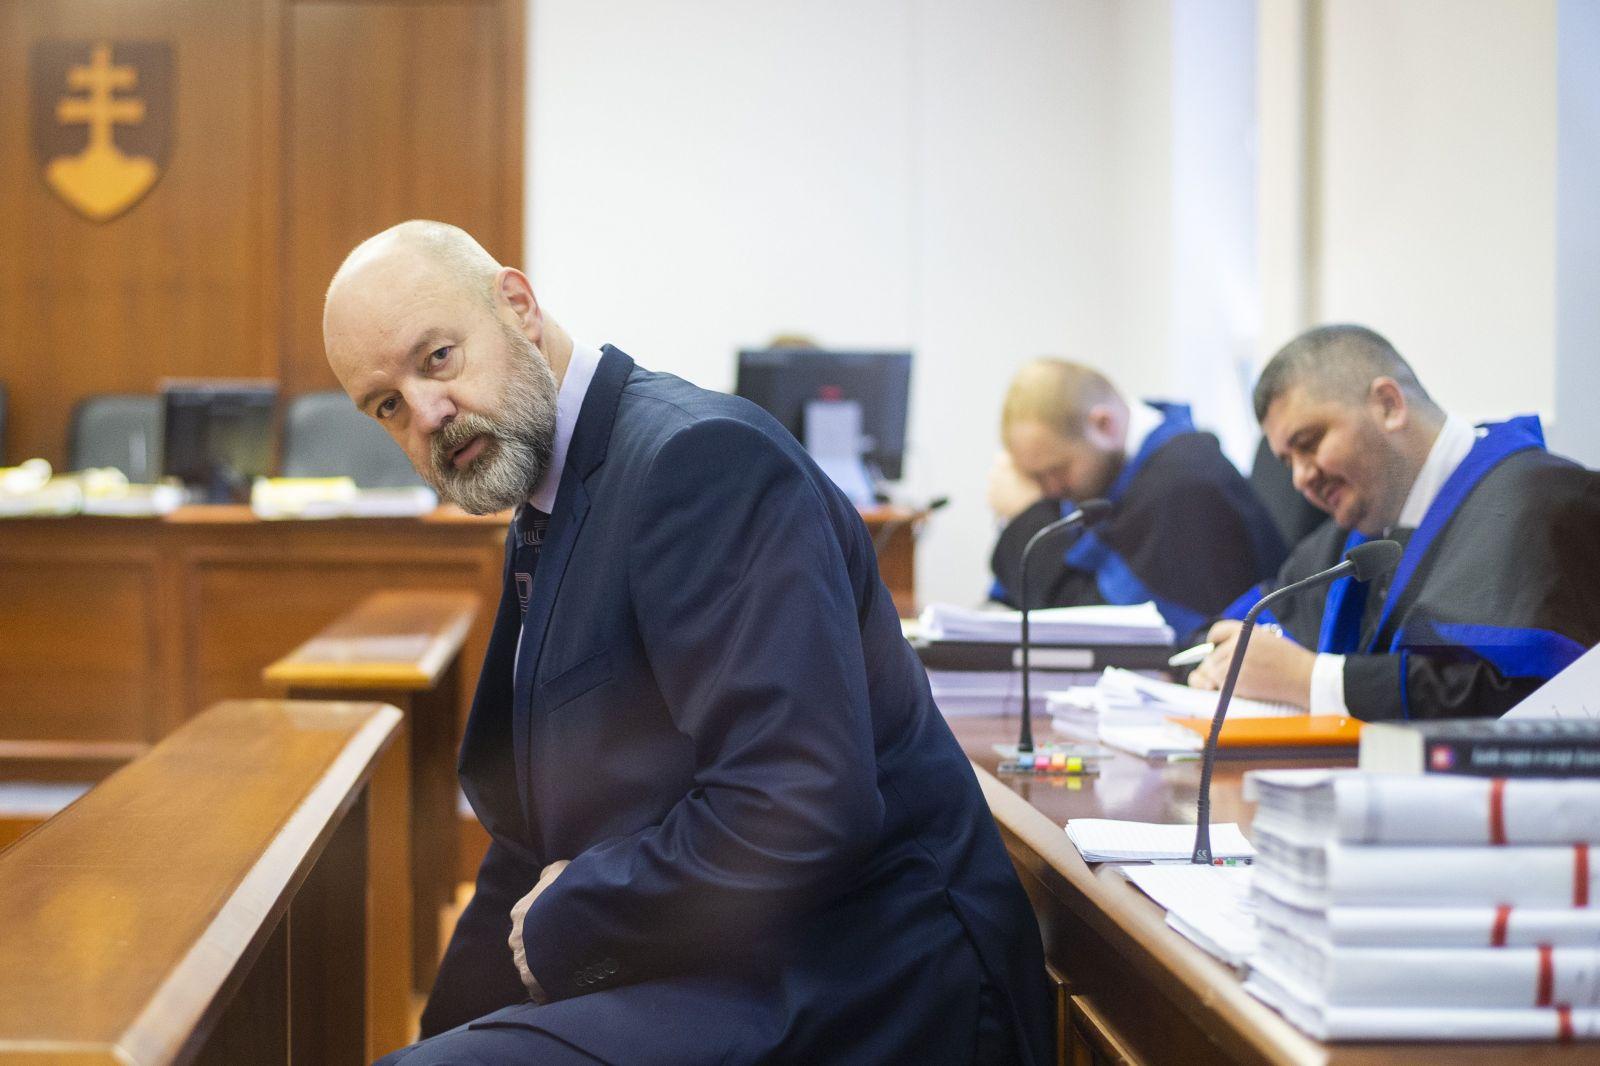 Verzia Kočnera a Ruska o zmenkách je absurdná, tvrdí Lipšic. Môžu dostať 20-ročný trest v ústave s maximálnym stupňom stráženia